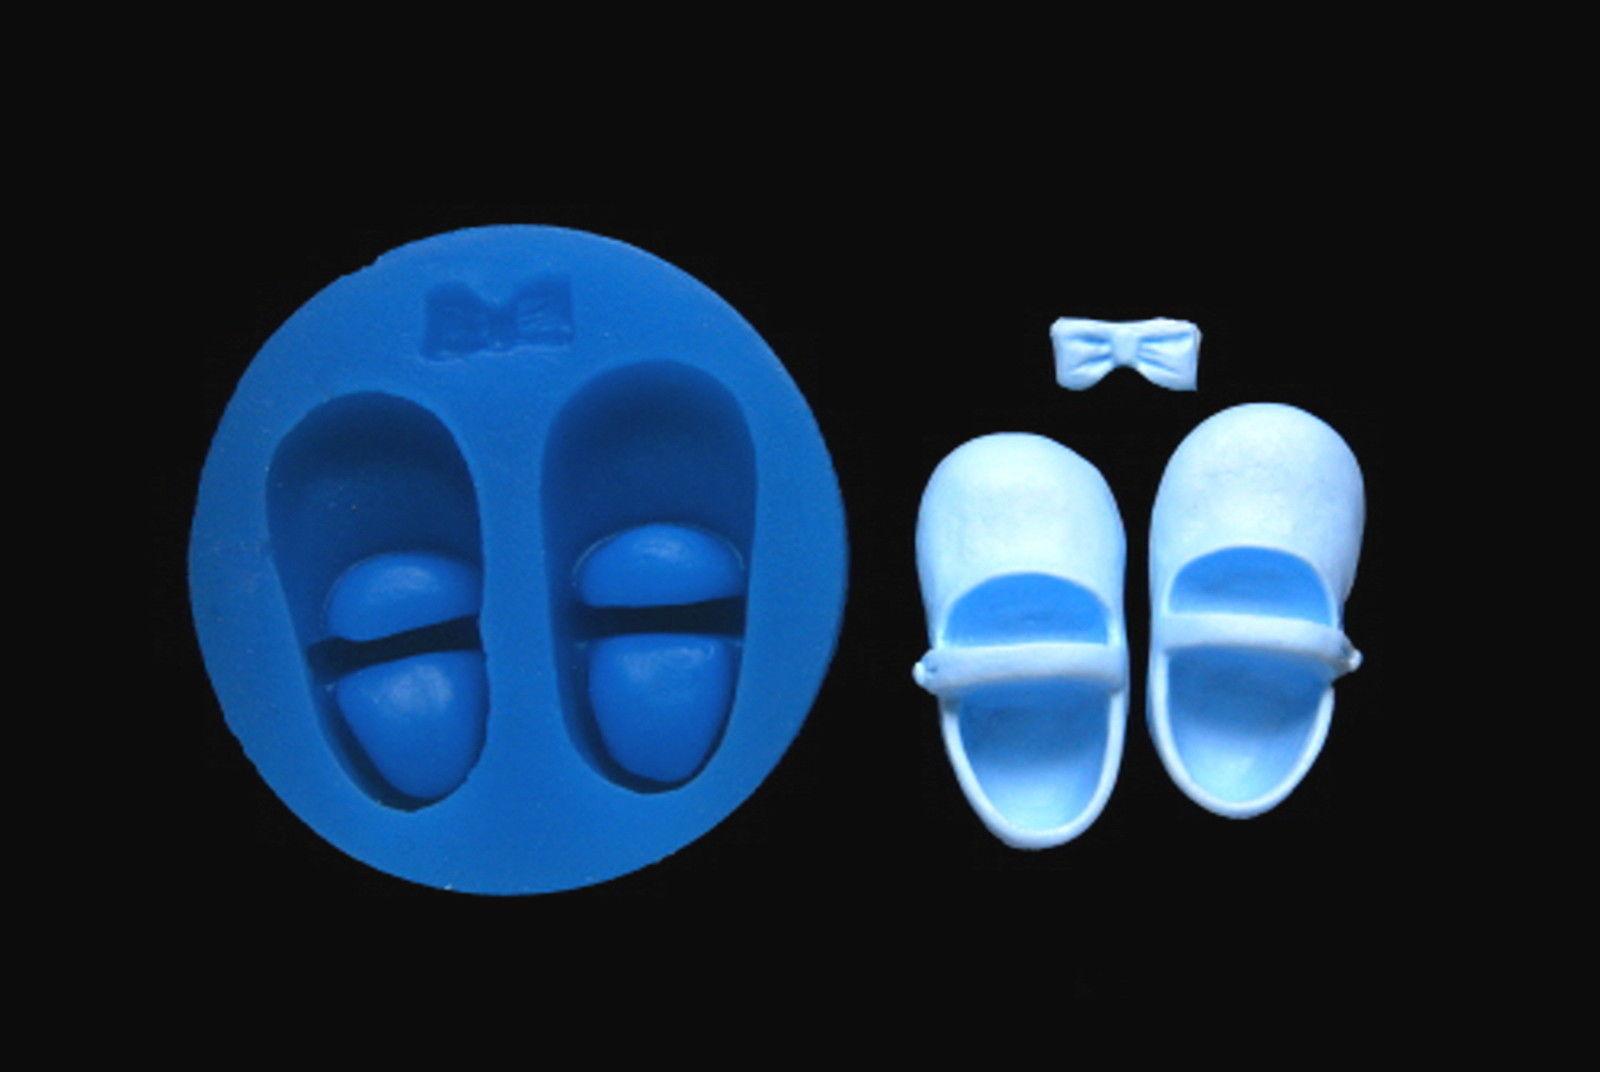 ベイビーシュー・靴 シリコンモールド